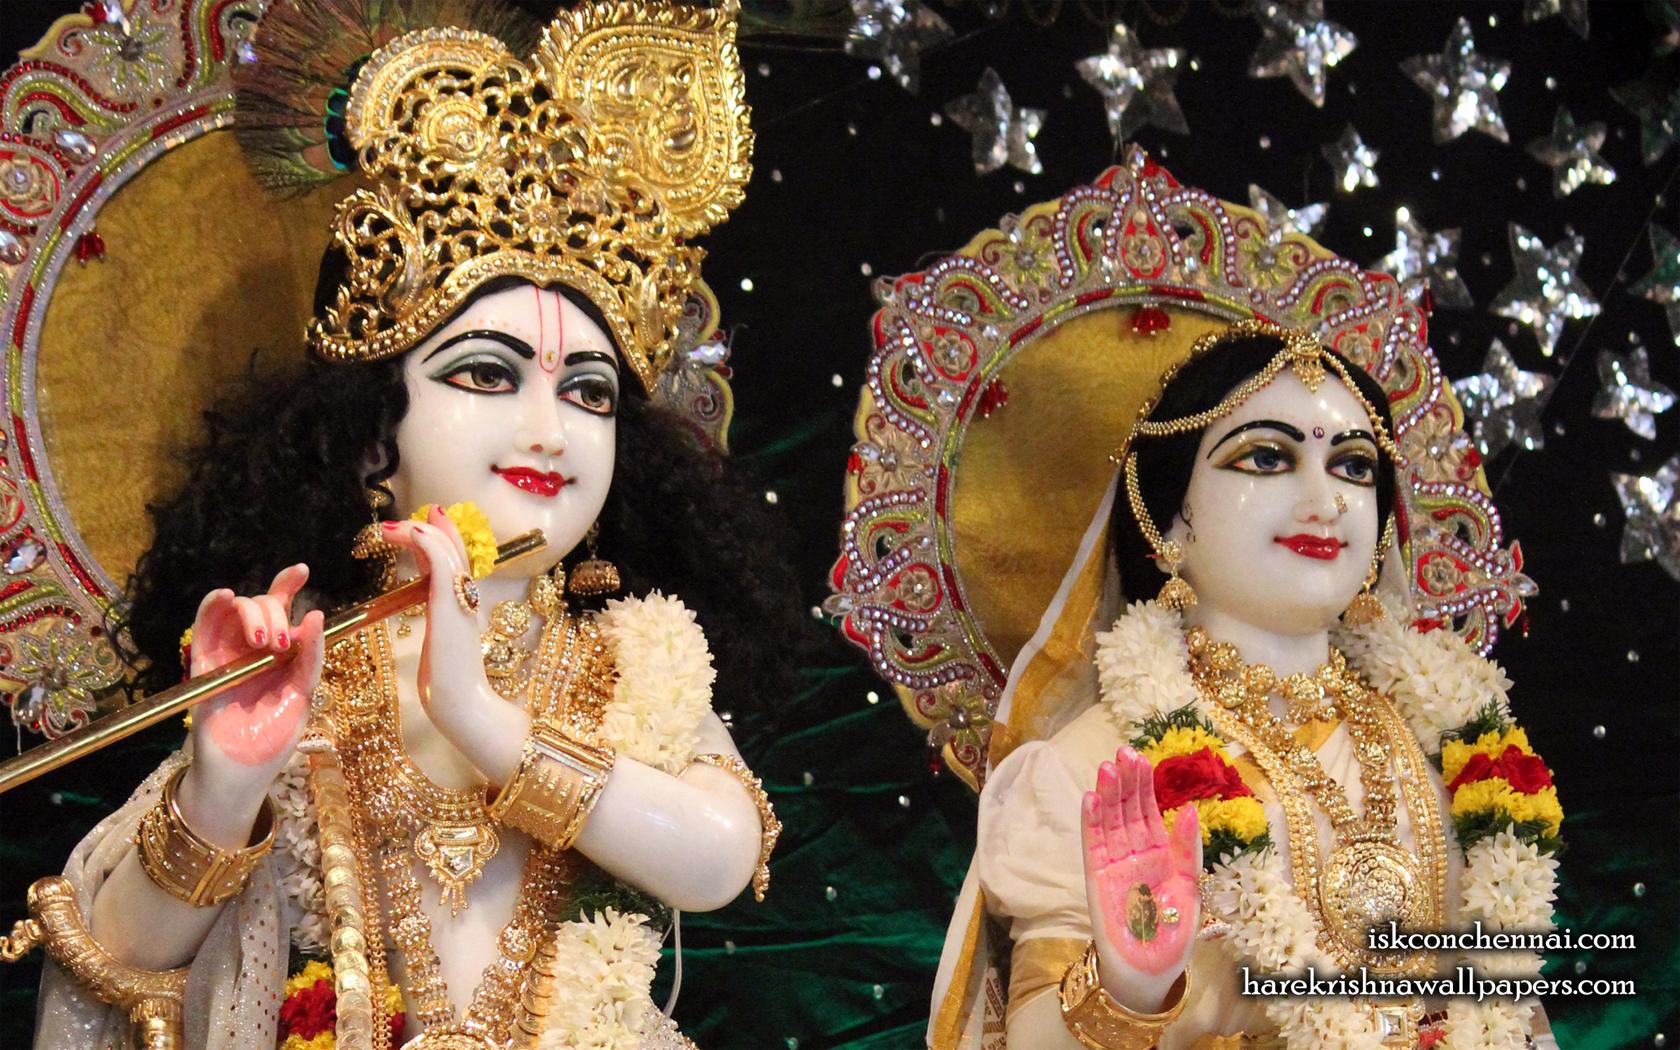 Sri Sri Radha Krishna Close up Wallpaper (009) Size 1680x1050 Download